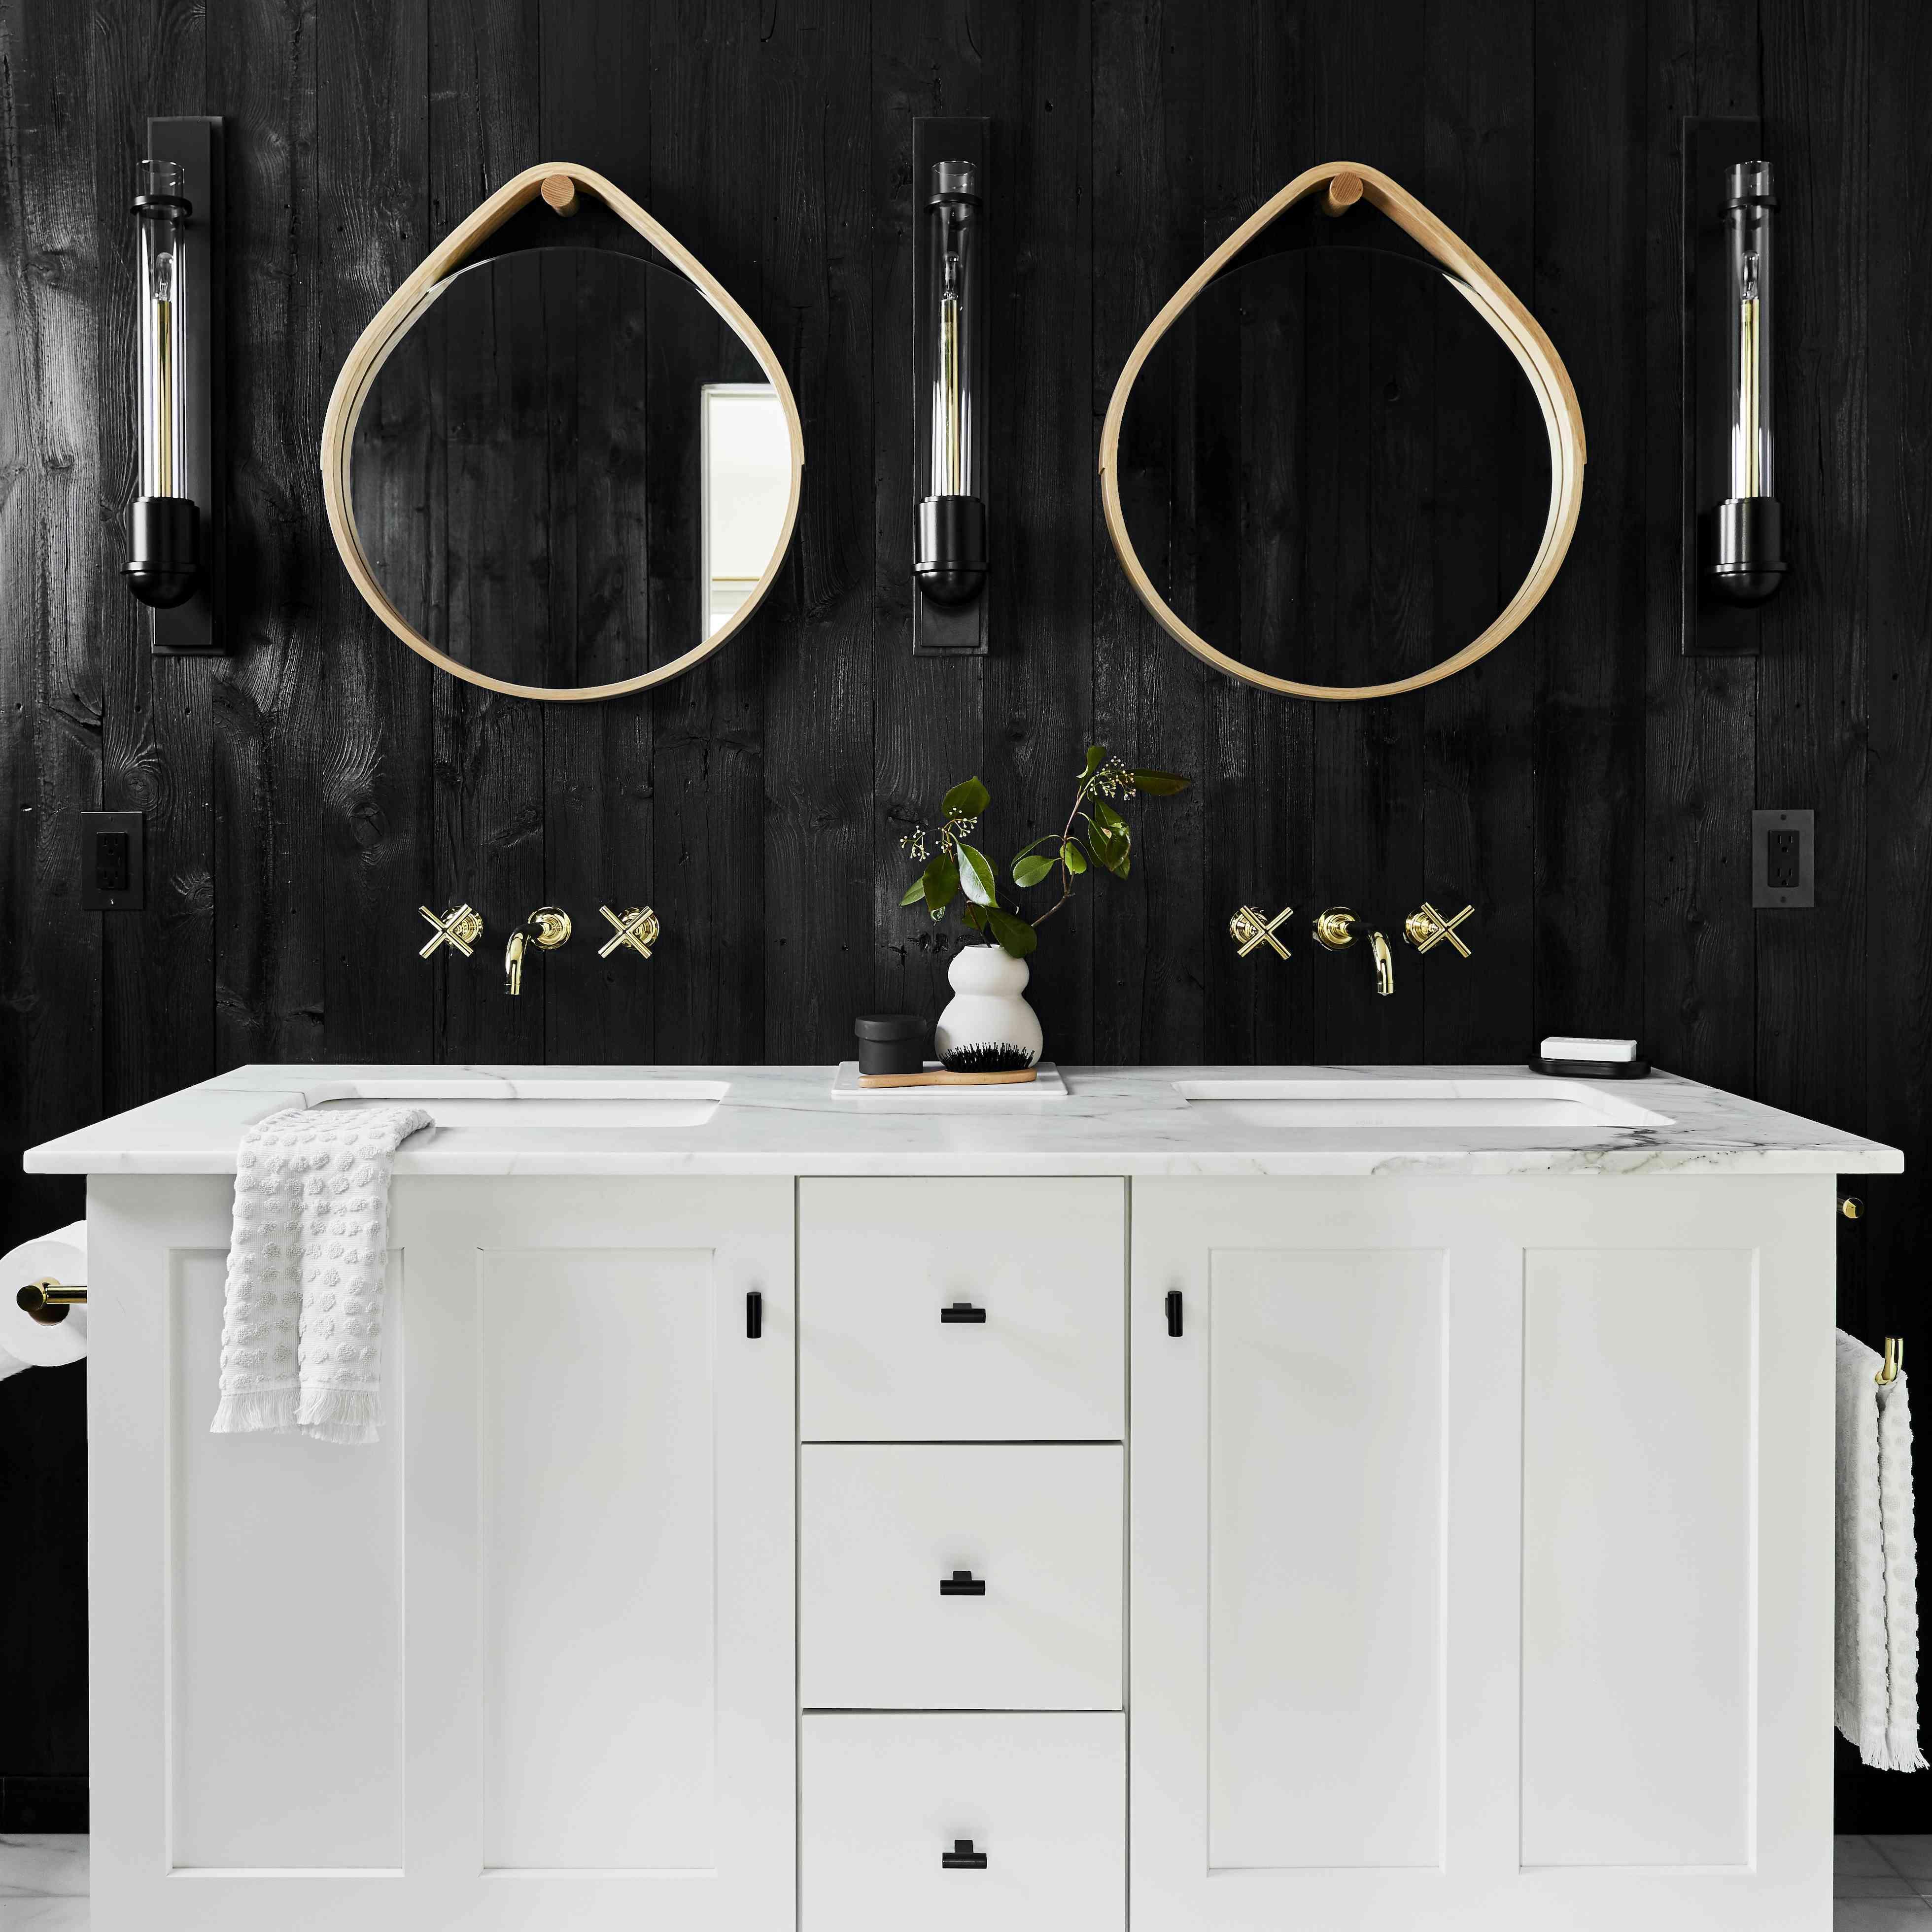 Bathroom with black washed wood walls